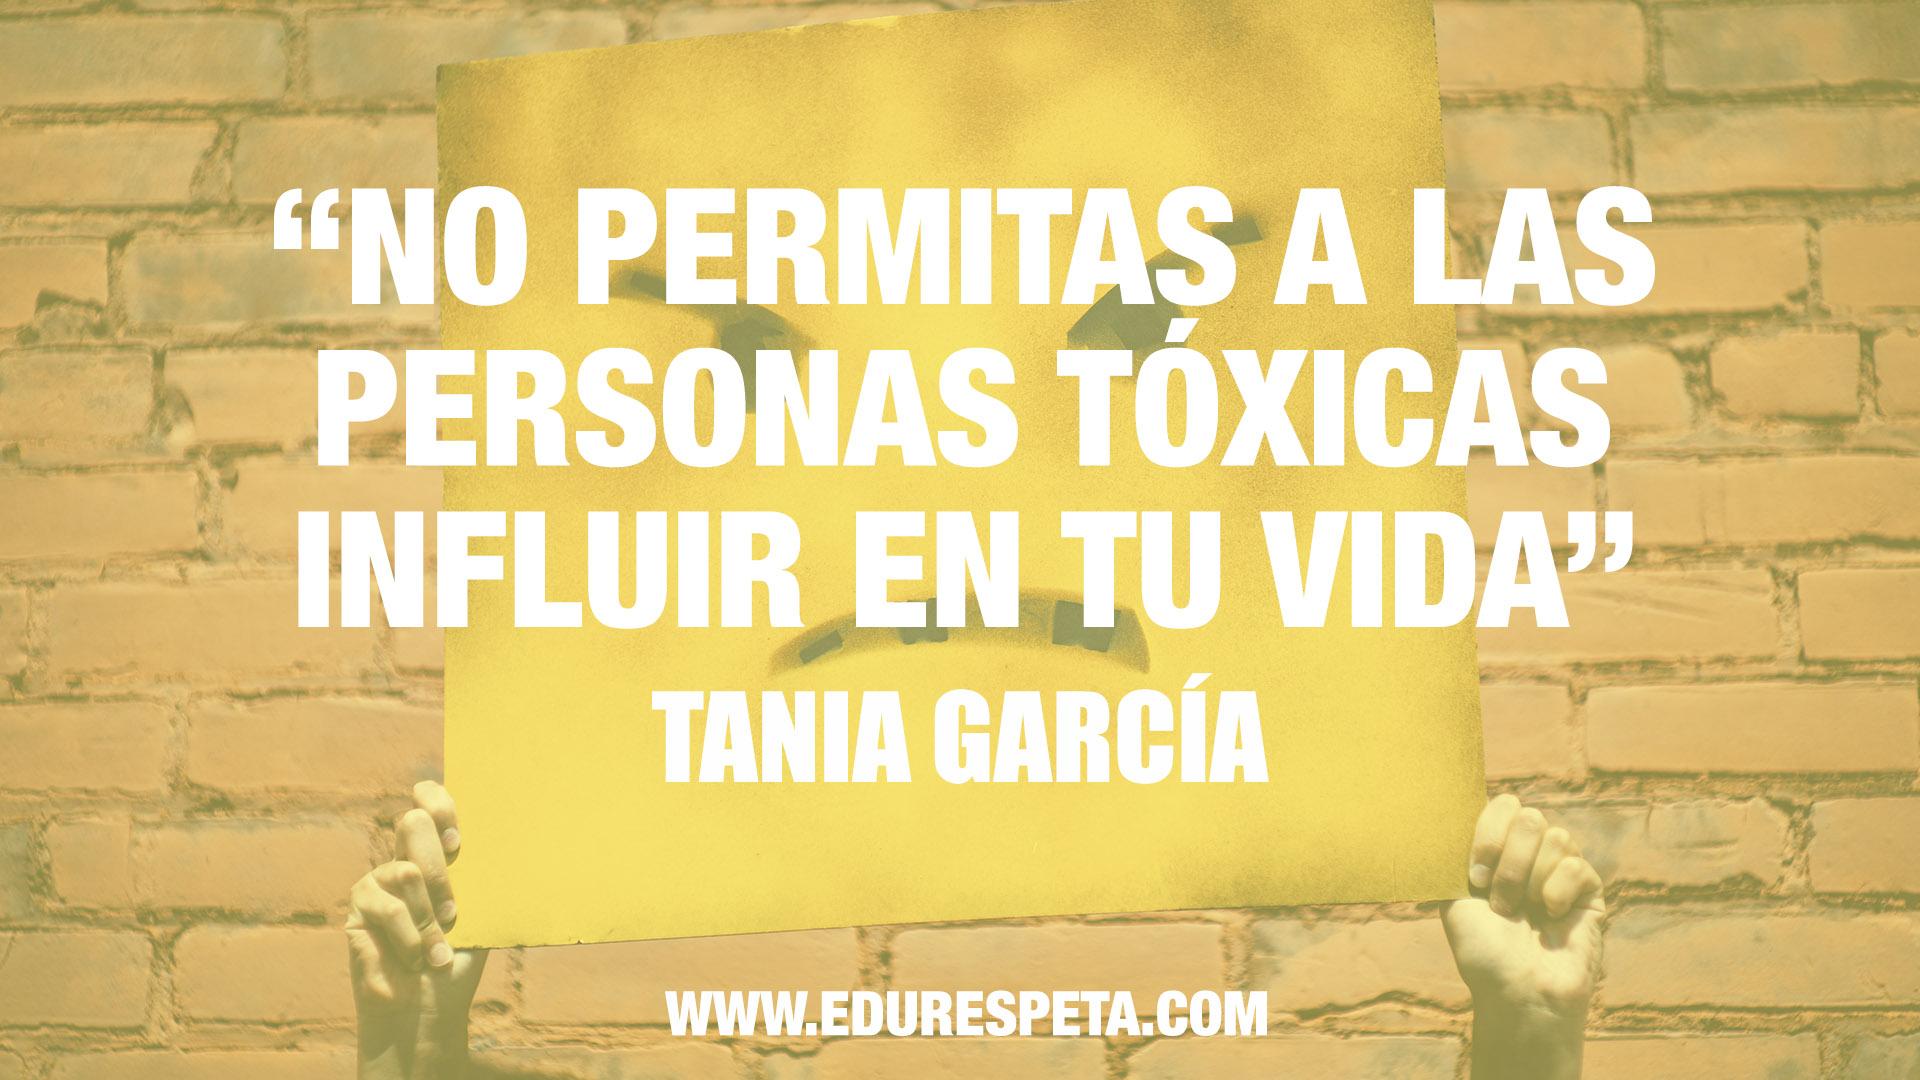 Personas tóxicas Edurespeta Tania García